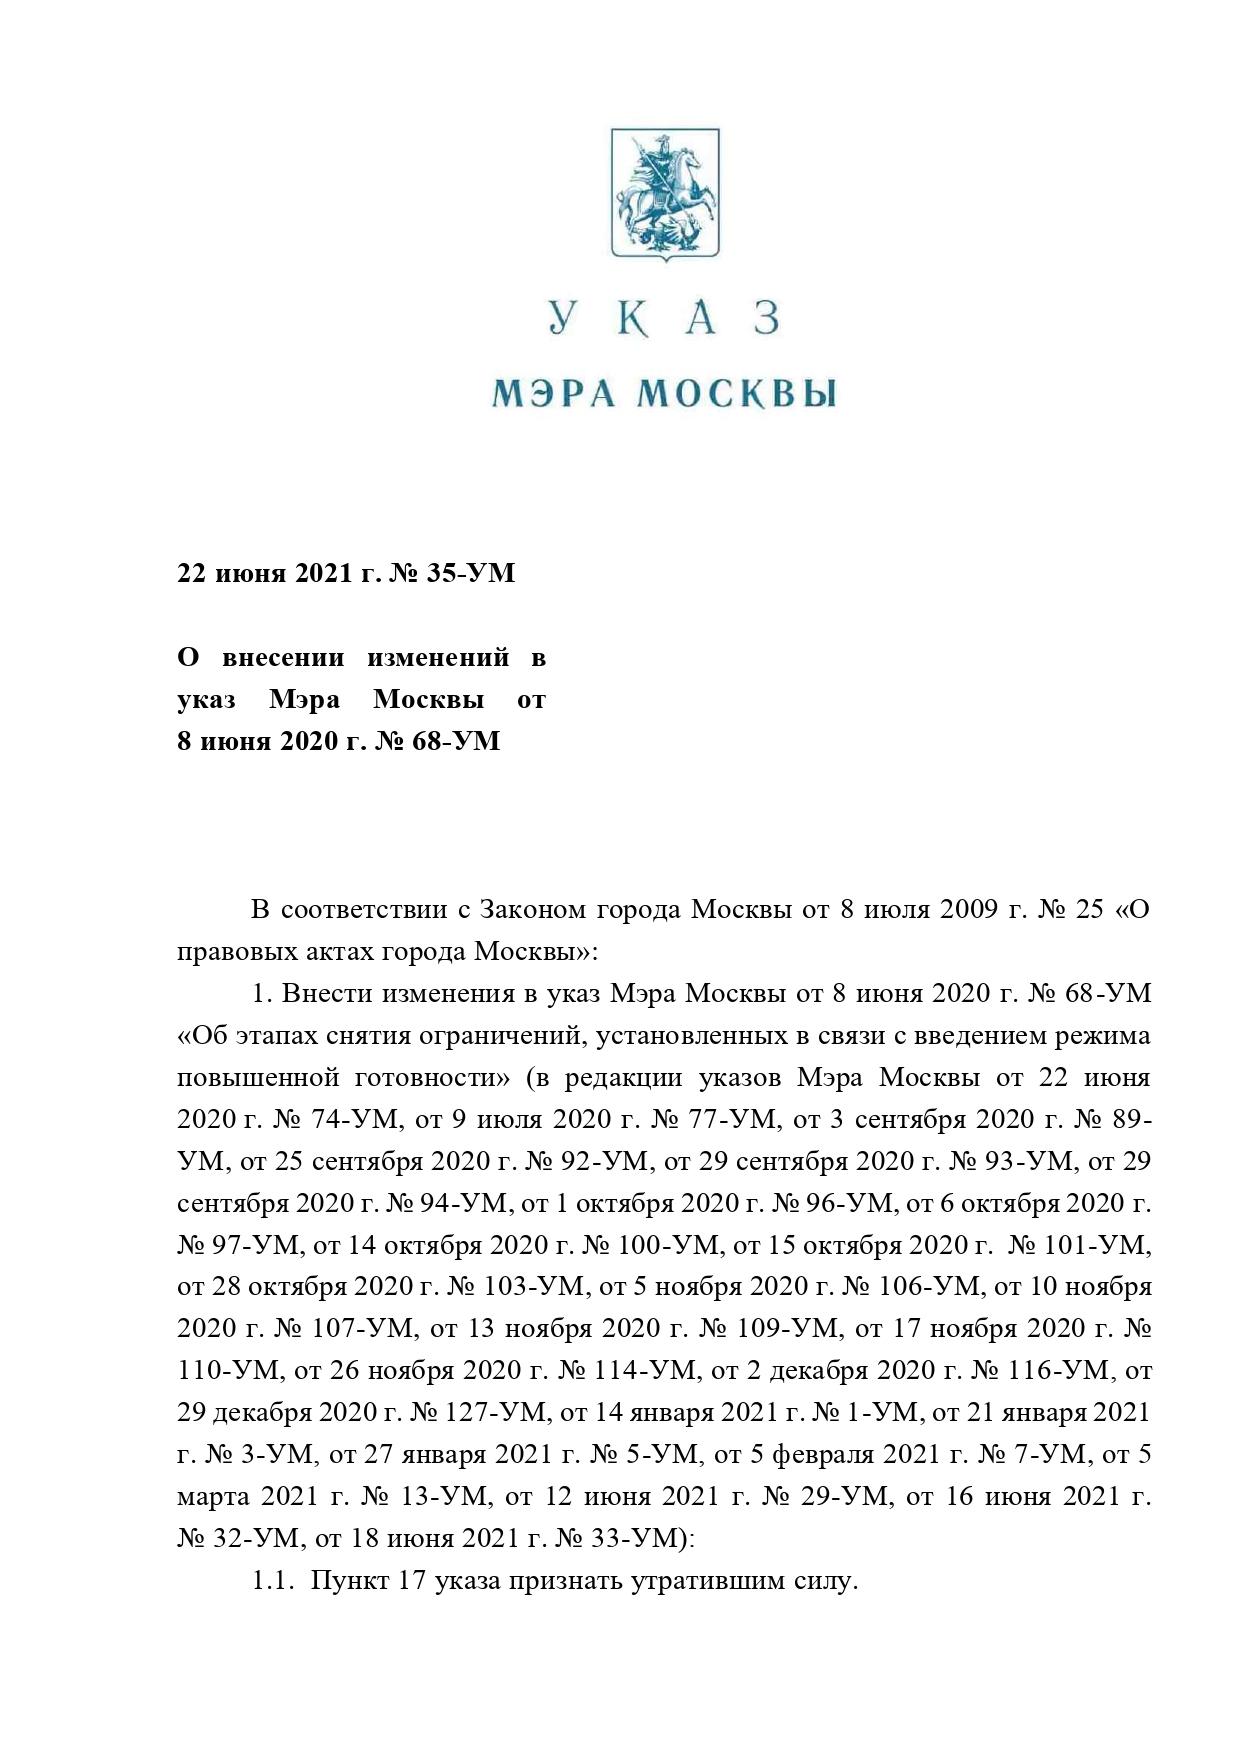 Указ Мэра Москвы Собянина С.С. от 22 июня 2021 года (22.06.2021) No 35-УМ 1